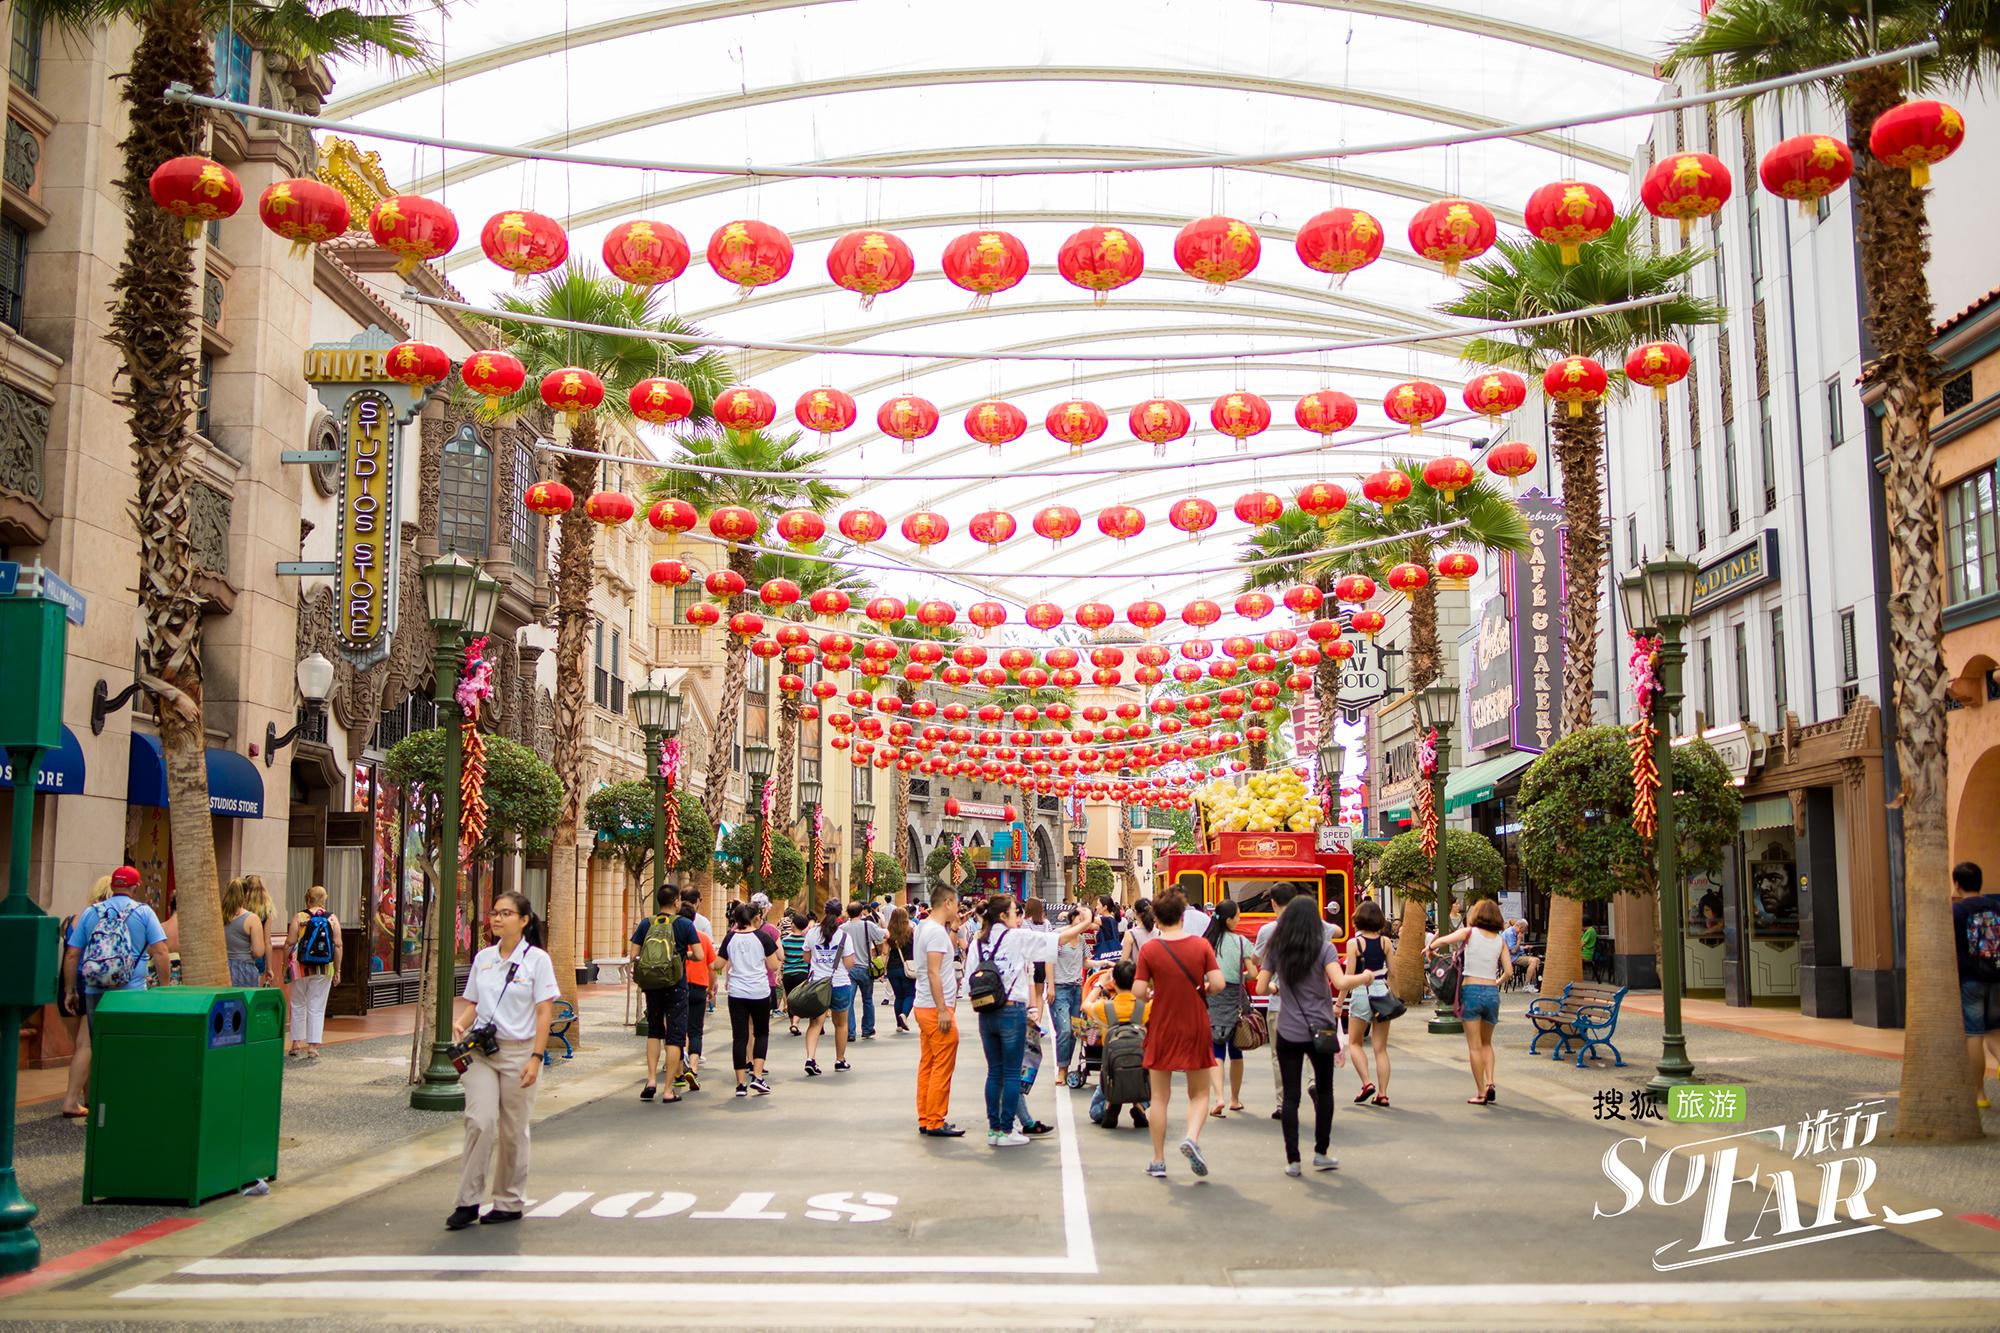 据说出境游东南亚最受欢迎,那么就去那里过个温暖的春节